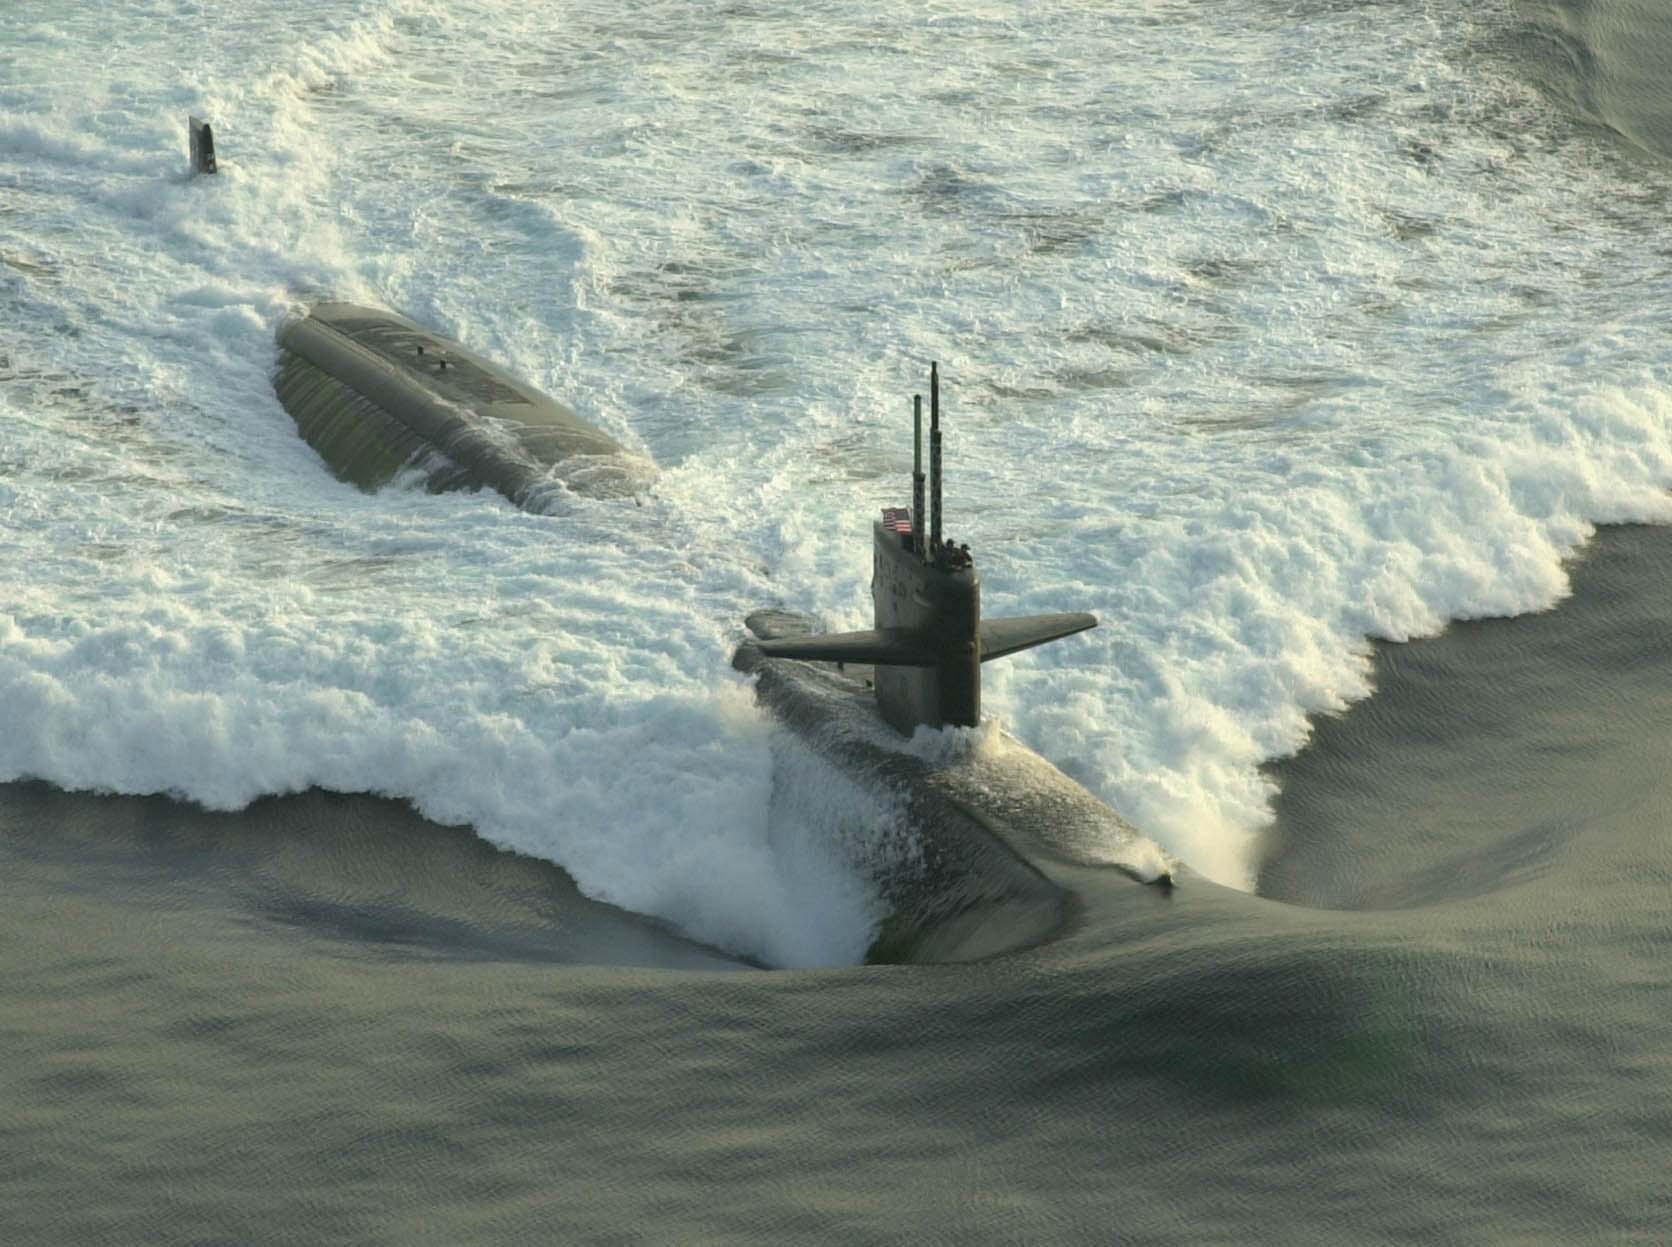 обитающие фото всплывающих подводных лодок действует